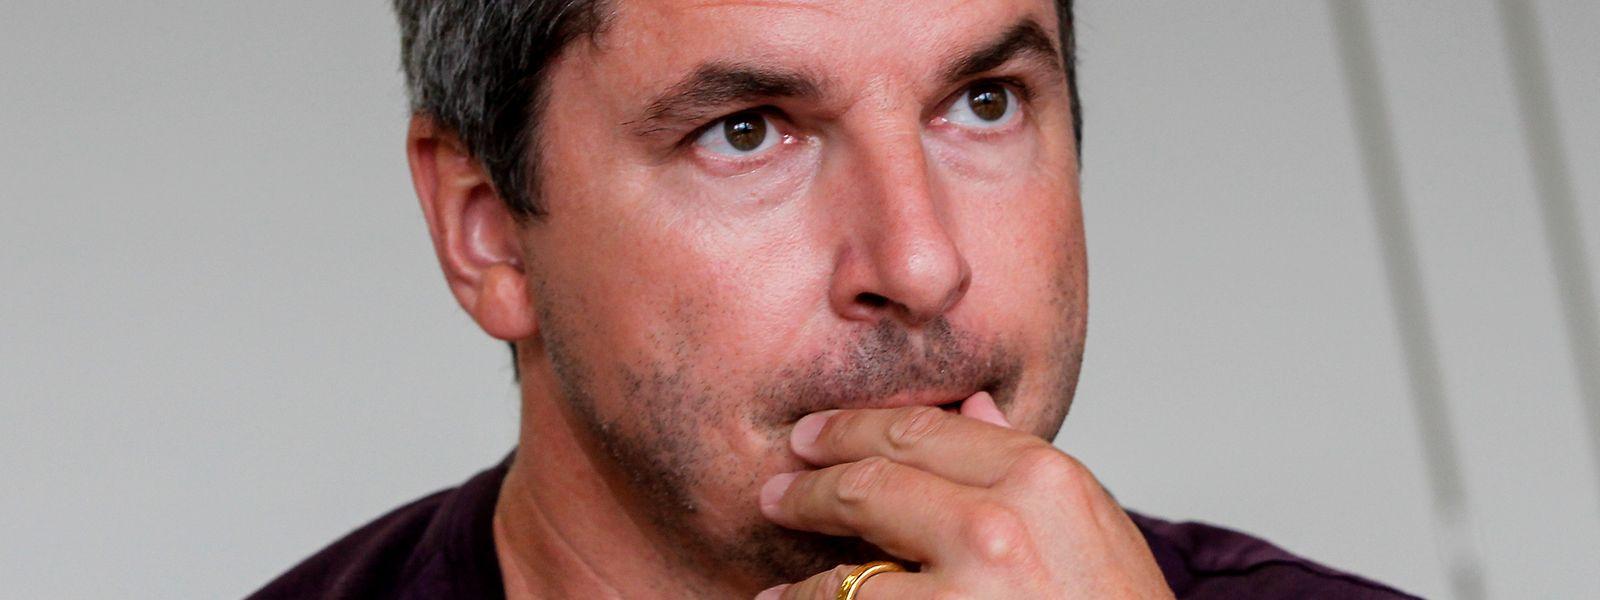 Rockhal-Direktor Olivier Toth hatte sich mit seinem Team schon vor Tagen auf mögliche Einschnitte durch Präventionsmaßnahmen gerechnet.